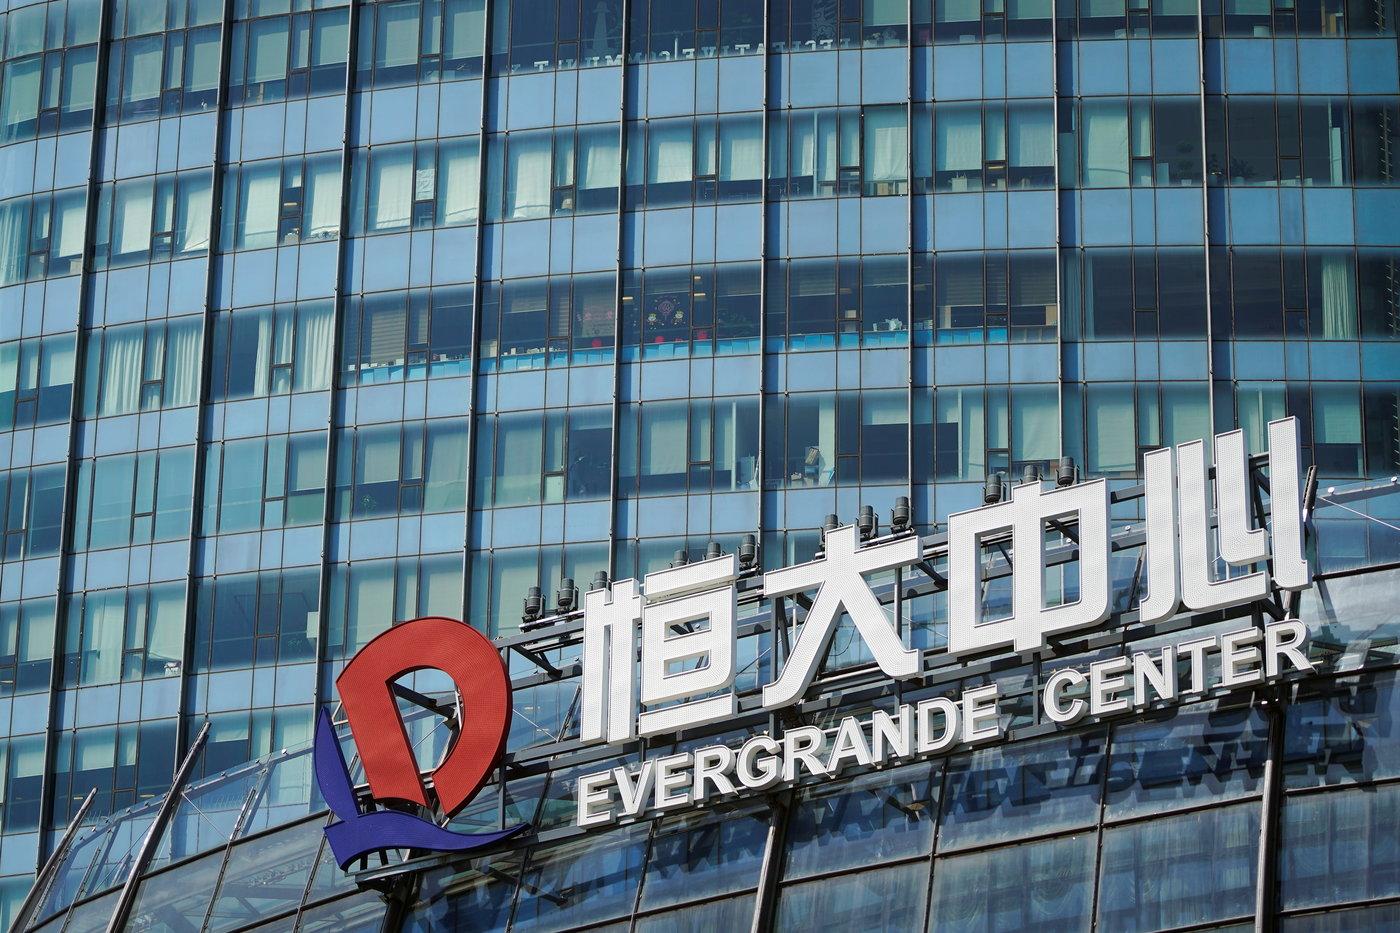 Le marché des crypto-monnaies montre des signes de reprise après que la FED se soit engagée à imprimer et que la société chinoise Evergrande ait prévu de rembourser sa dette